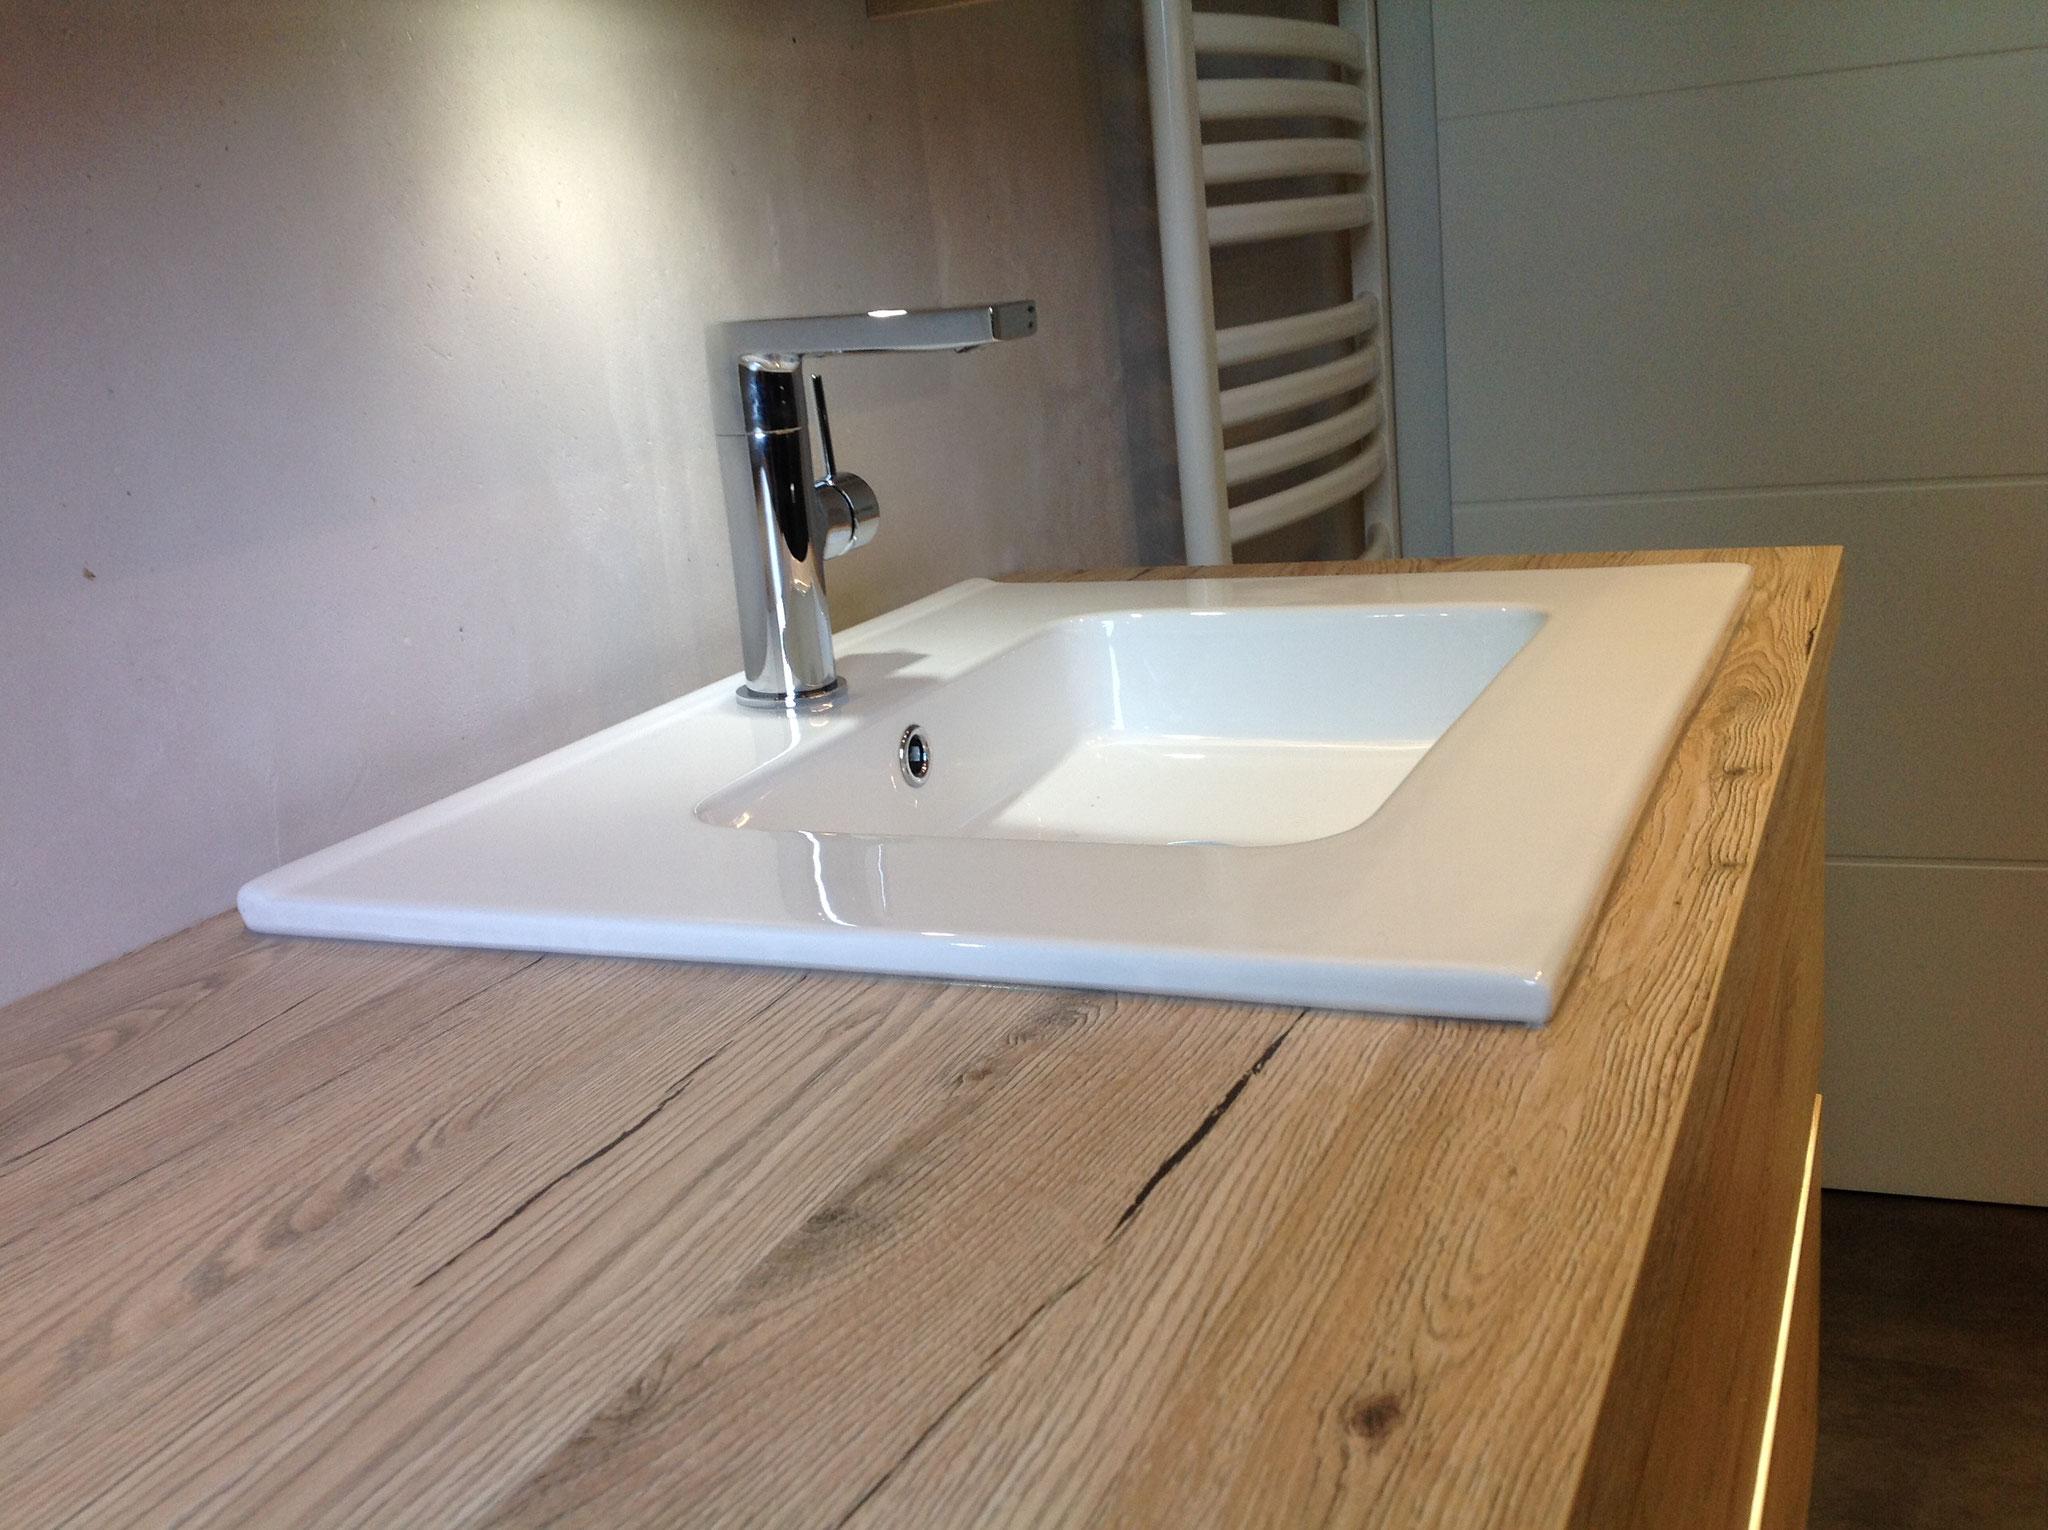 Schöne Waschtischanlage in Holzdekor